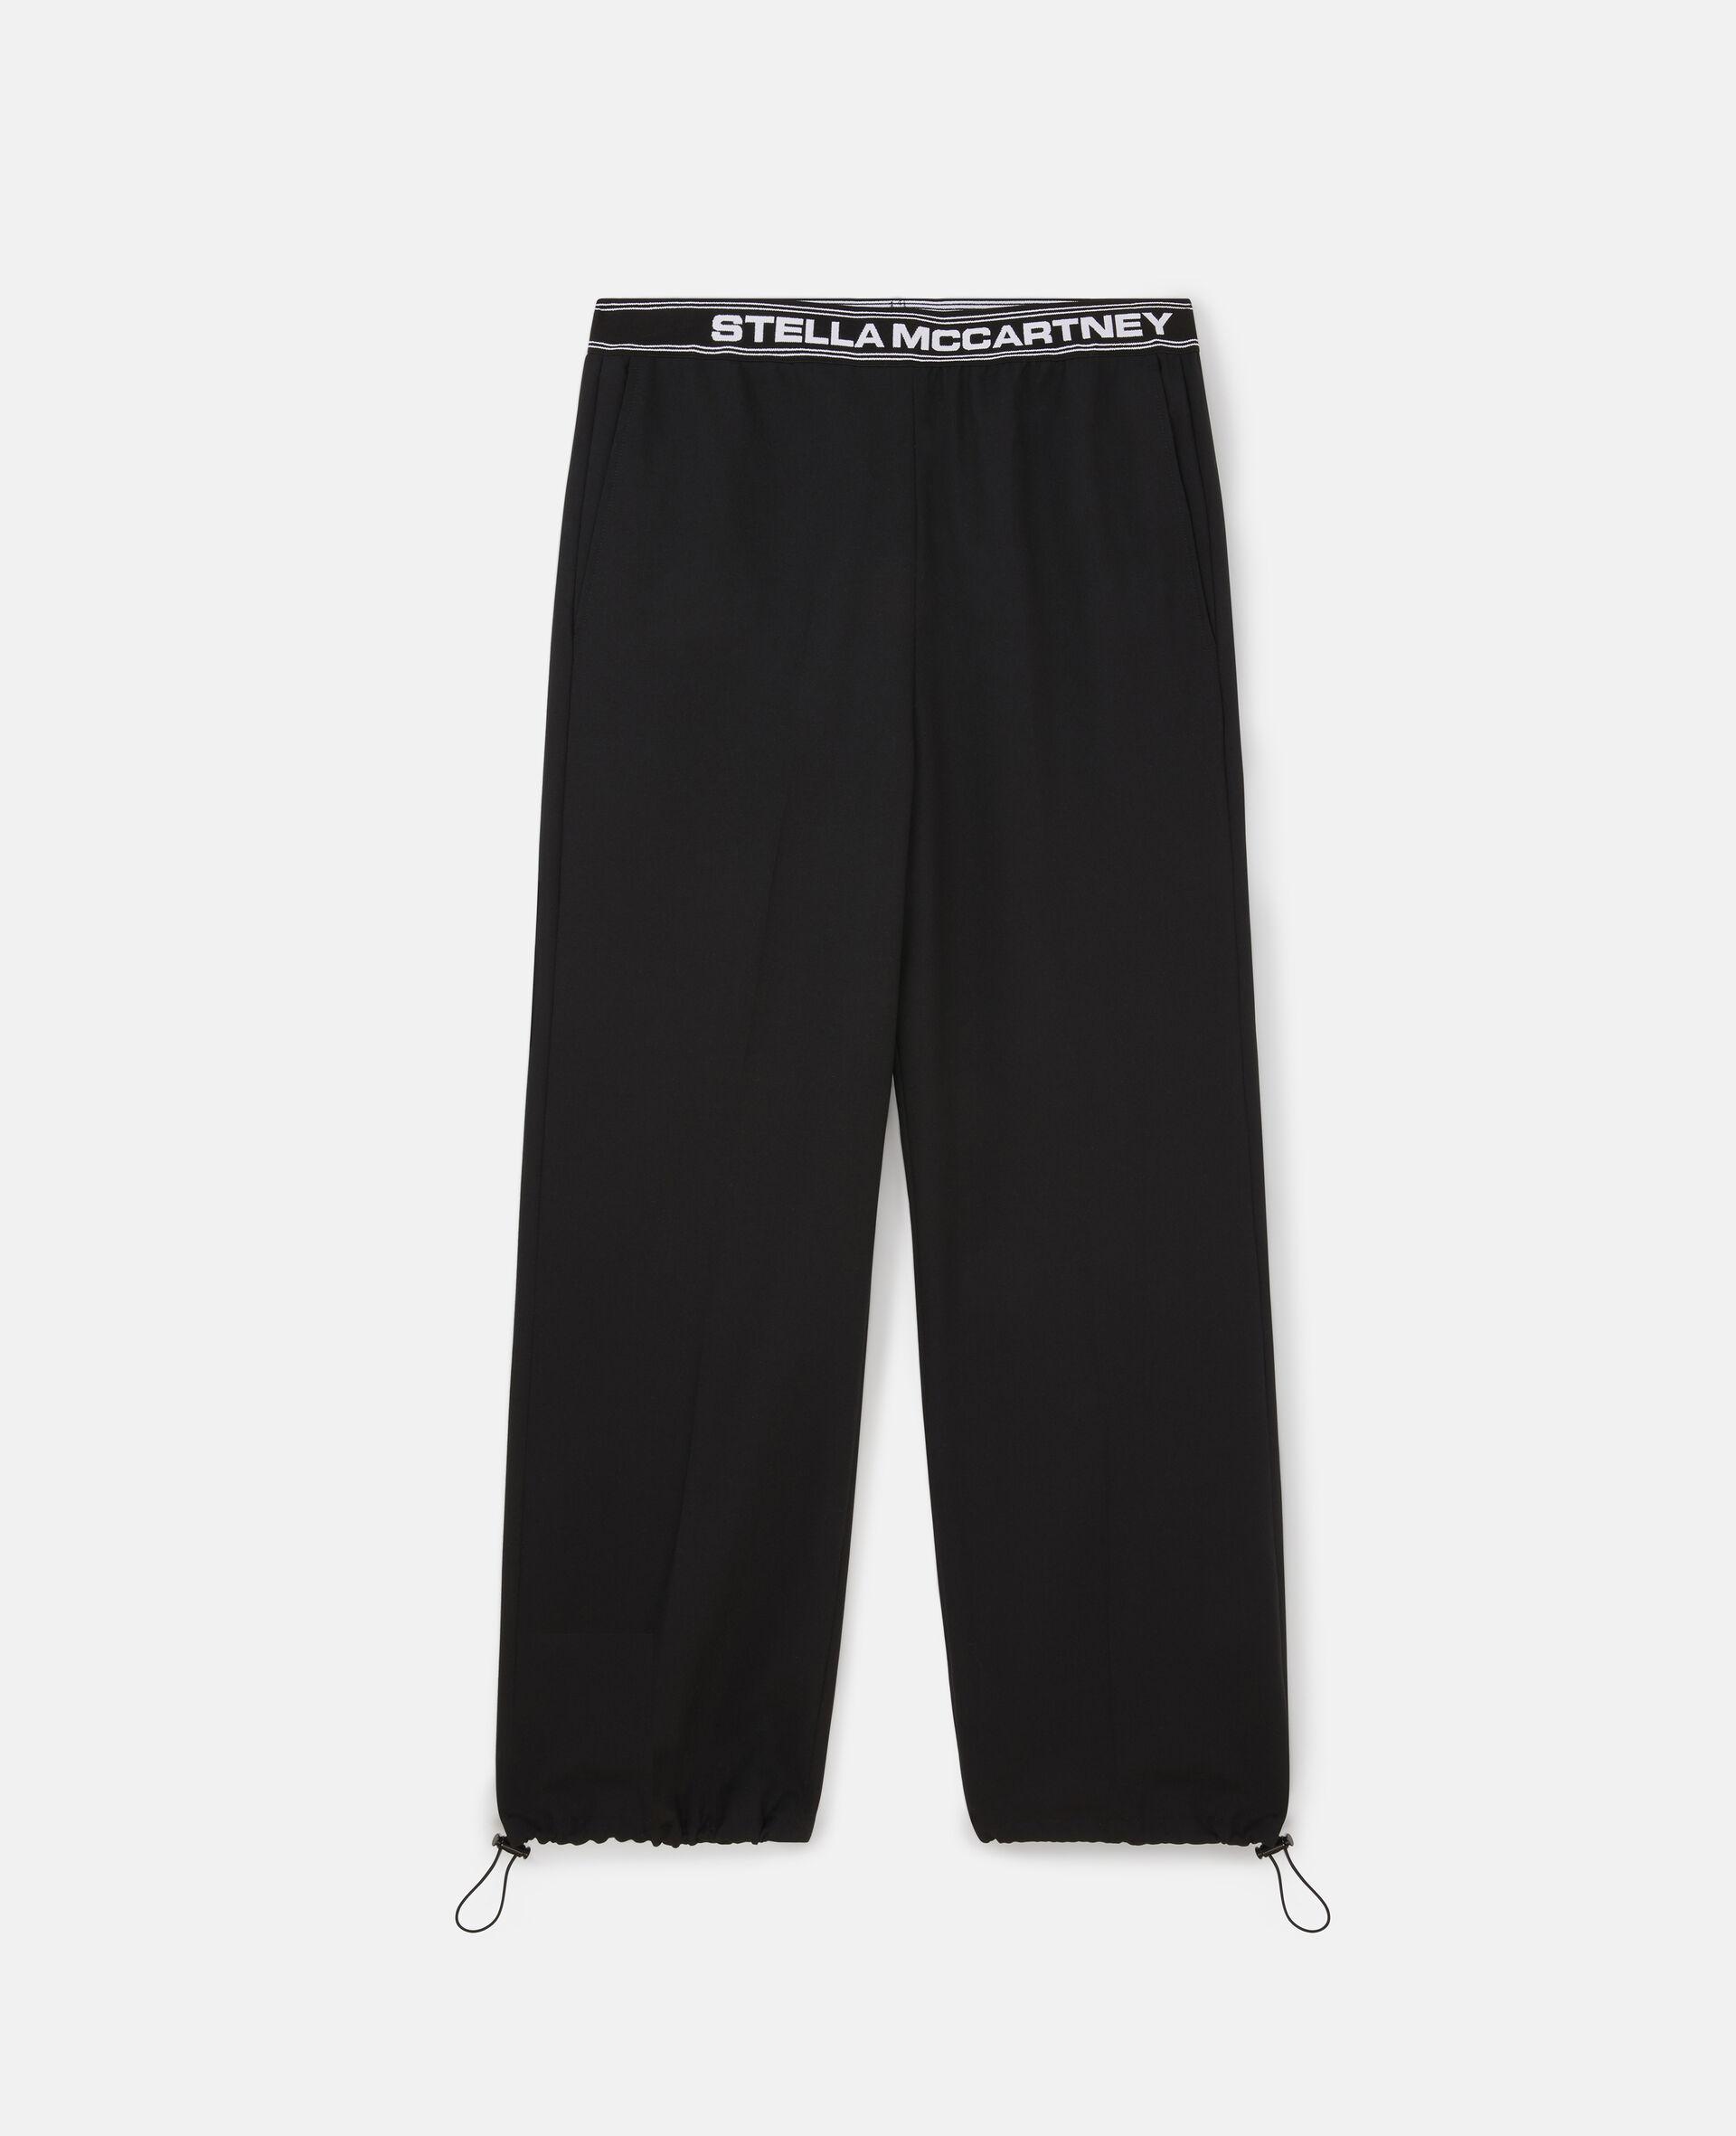 Taillierte Hosen mit Stella Logo -Schwarz-large image number 0